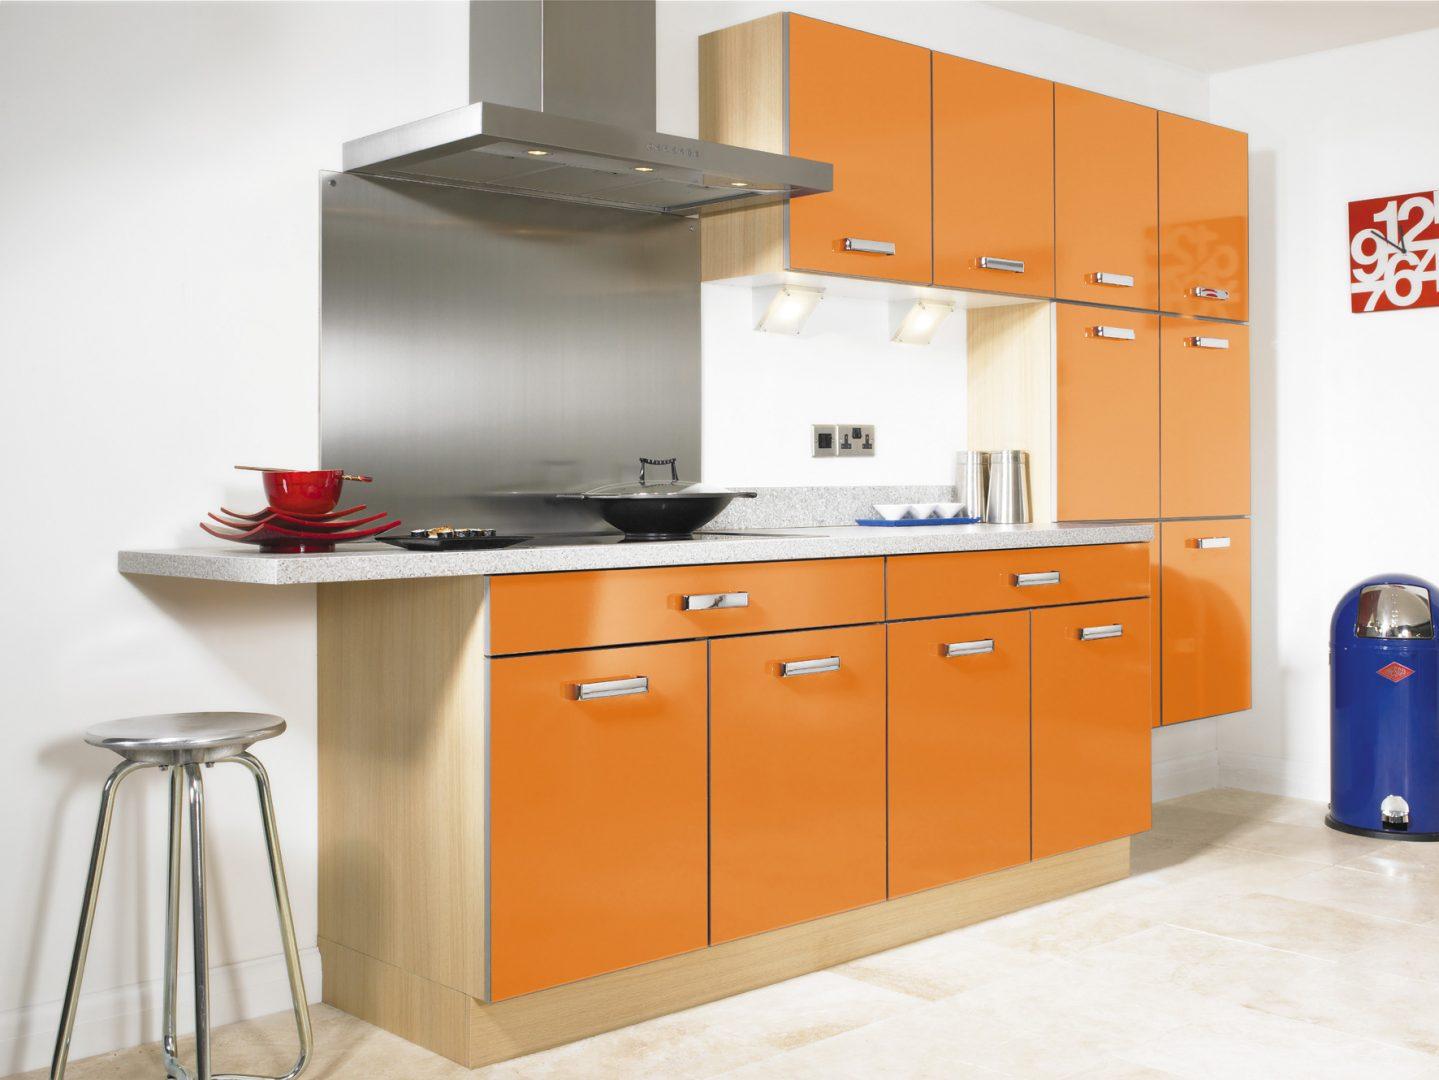 Cocina-naranja2